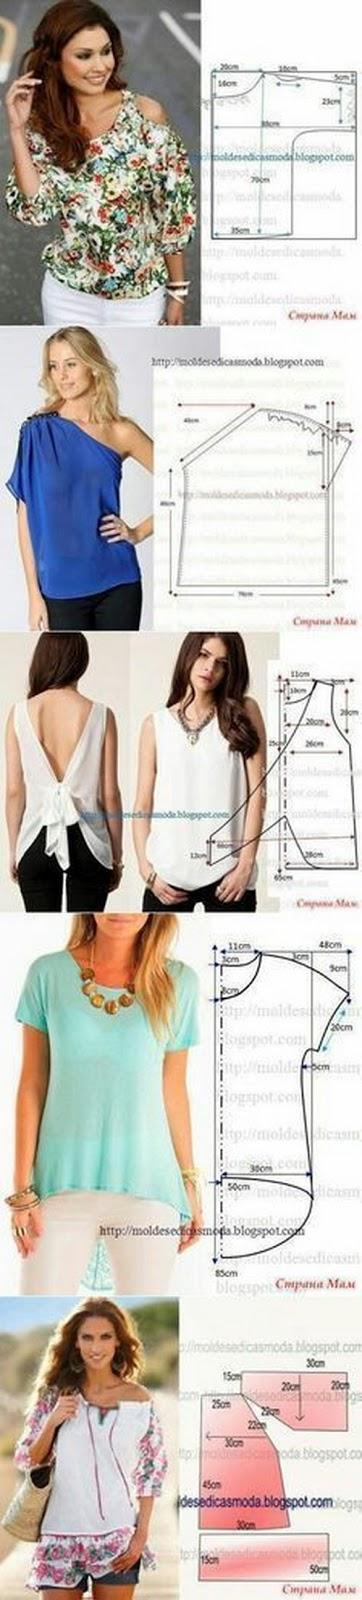 EL JARDIN DE LOS SUEÑOS: Patrones para una blusa